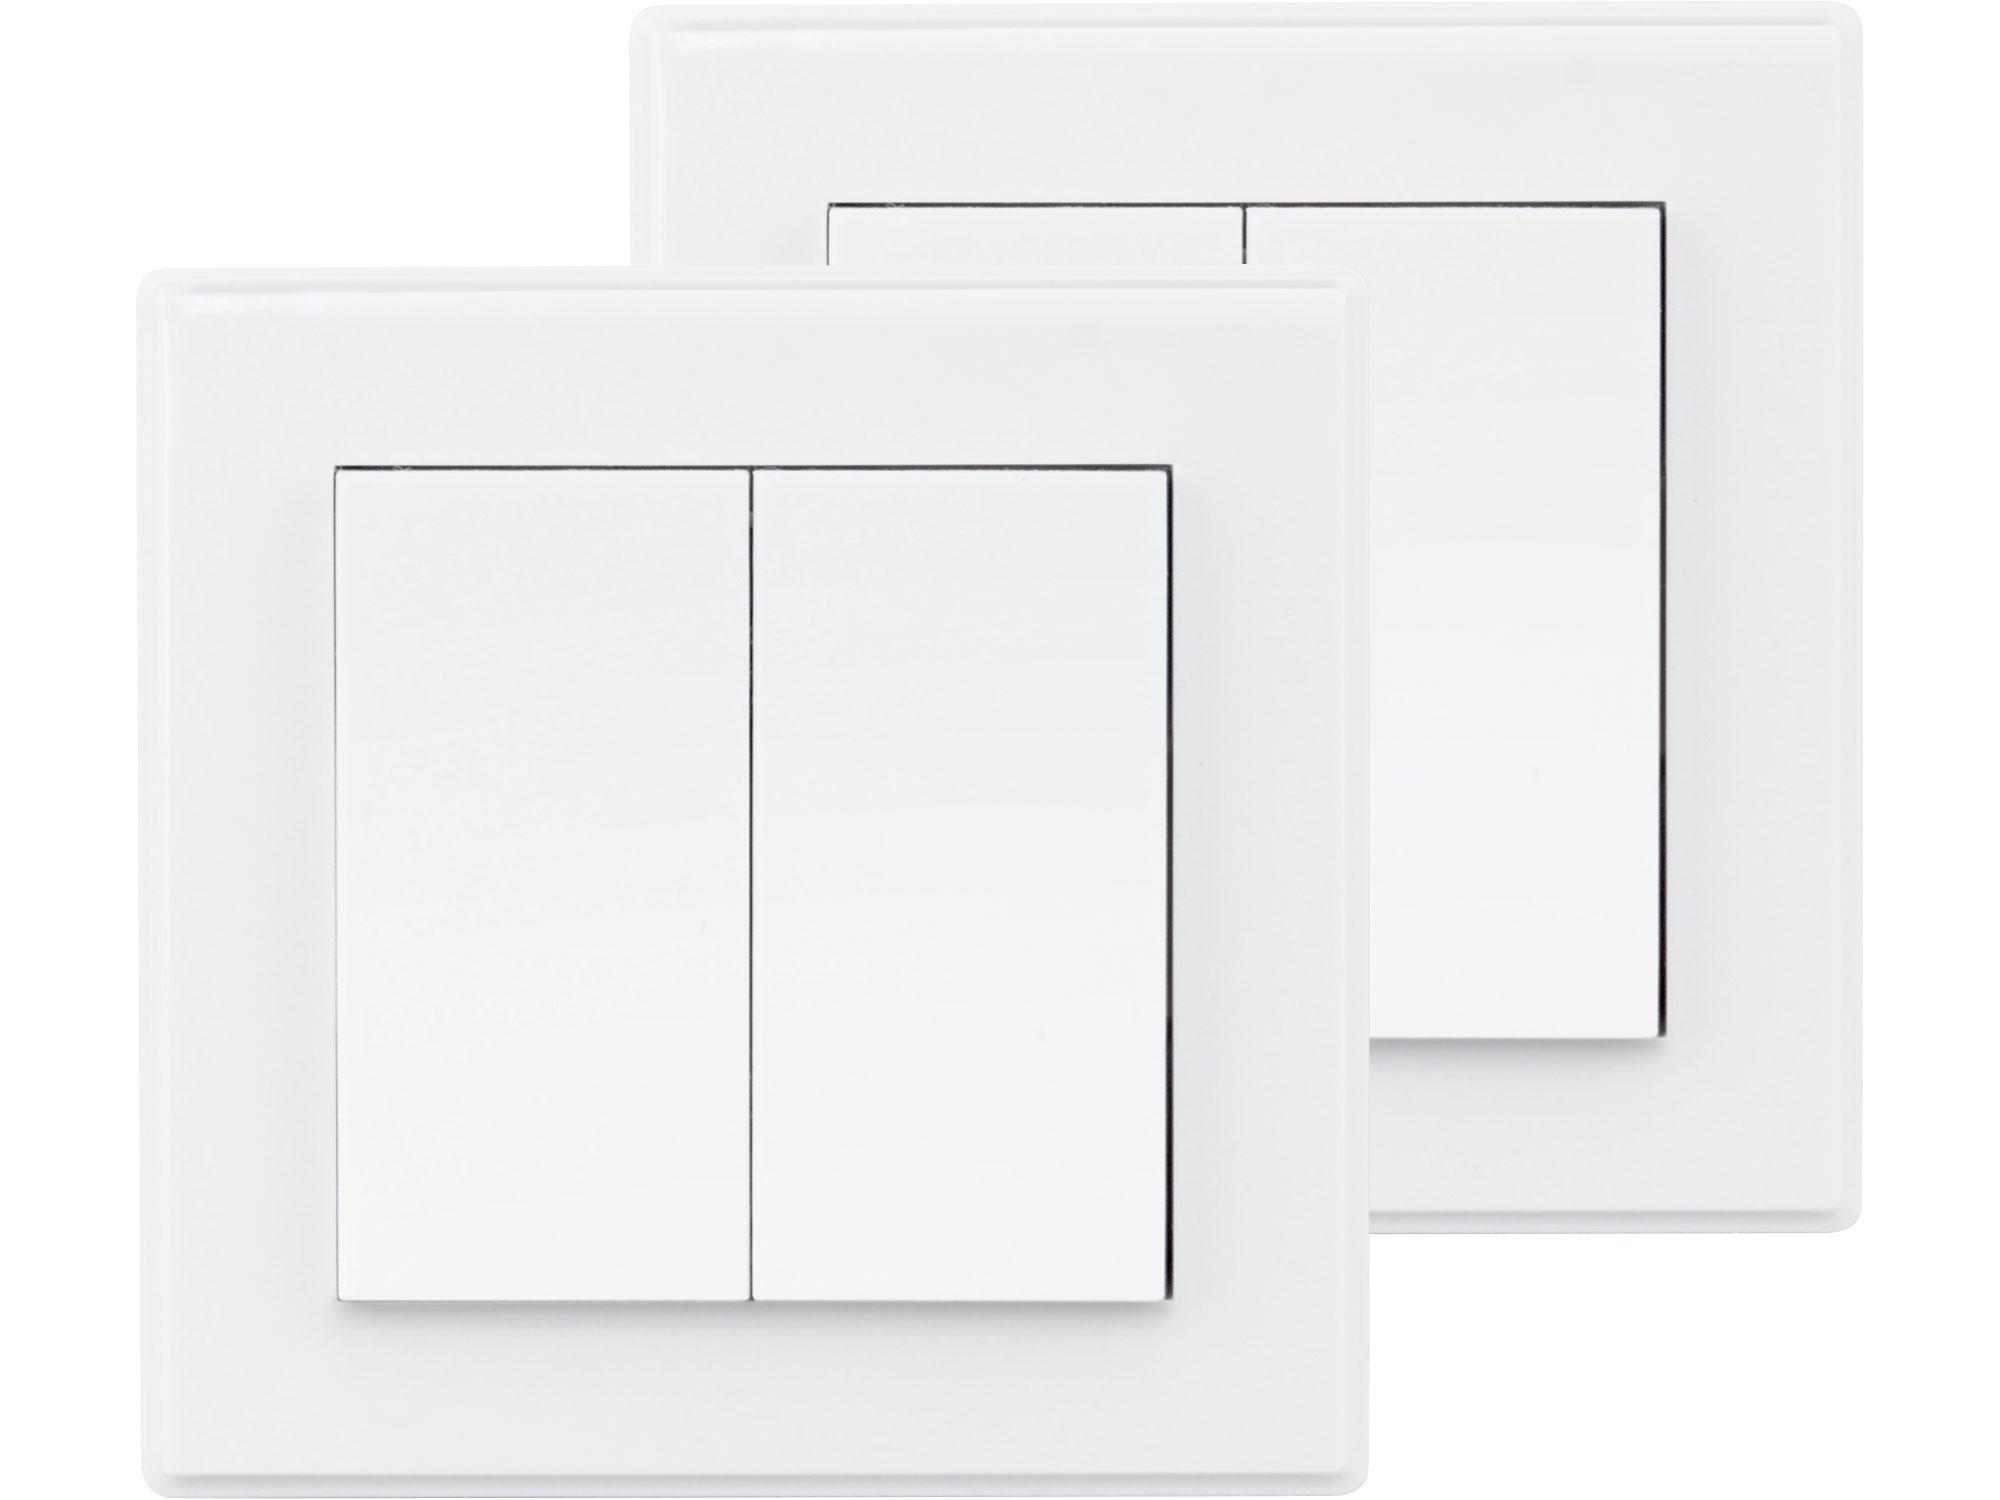 vypínač/ovladač, dvojitý, 2ks, 2jednotlivé/skupinové kanály, EXTOL LIGHT 43822